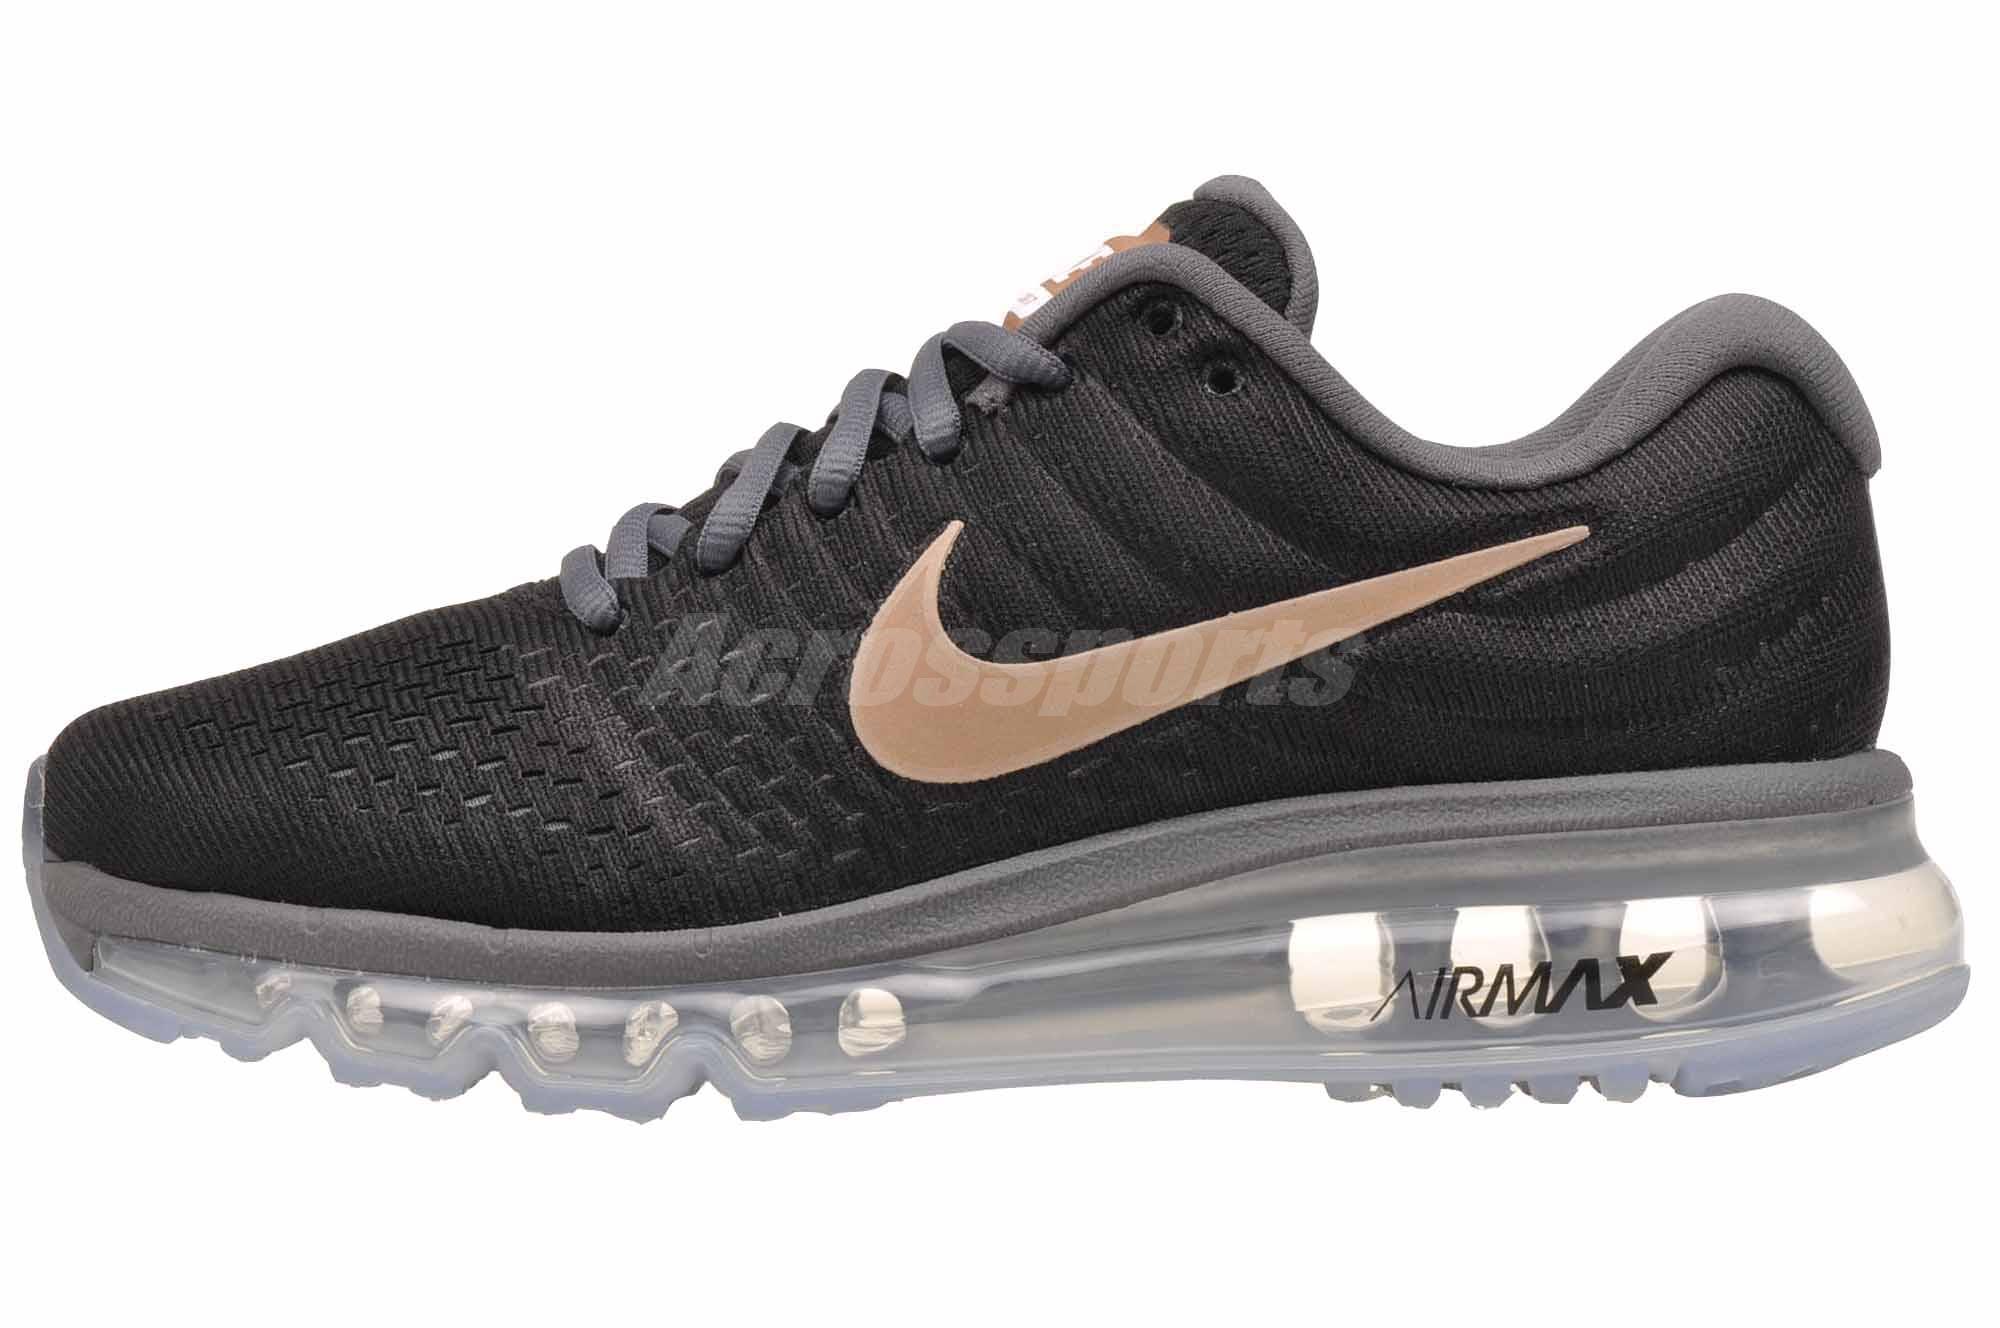 Detalles acerca de Nike Wmns Air Max 2017 Zapatos Correr Para Mujer Negro Bronce Nuevo Sin Caja de 849560 008 mostrar título original